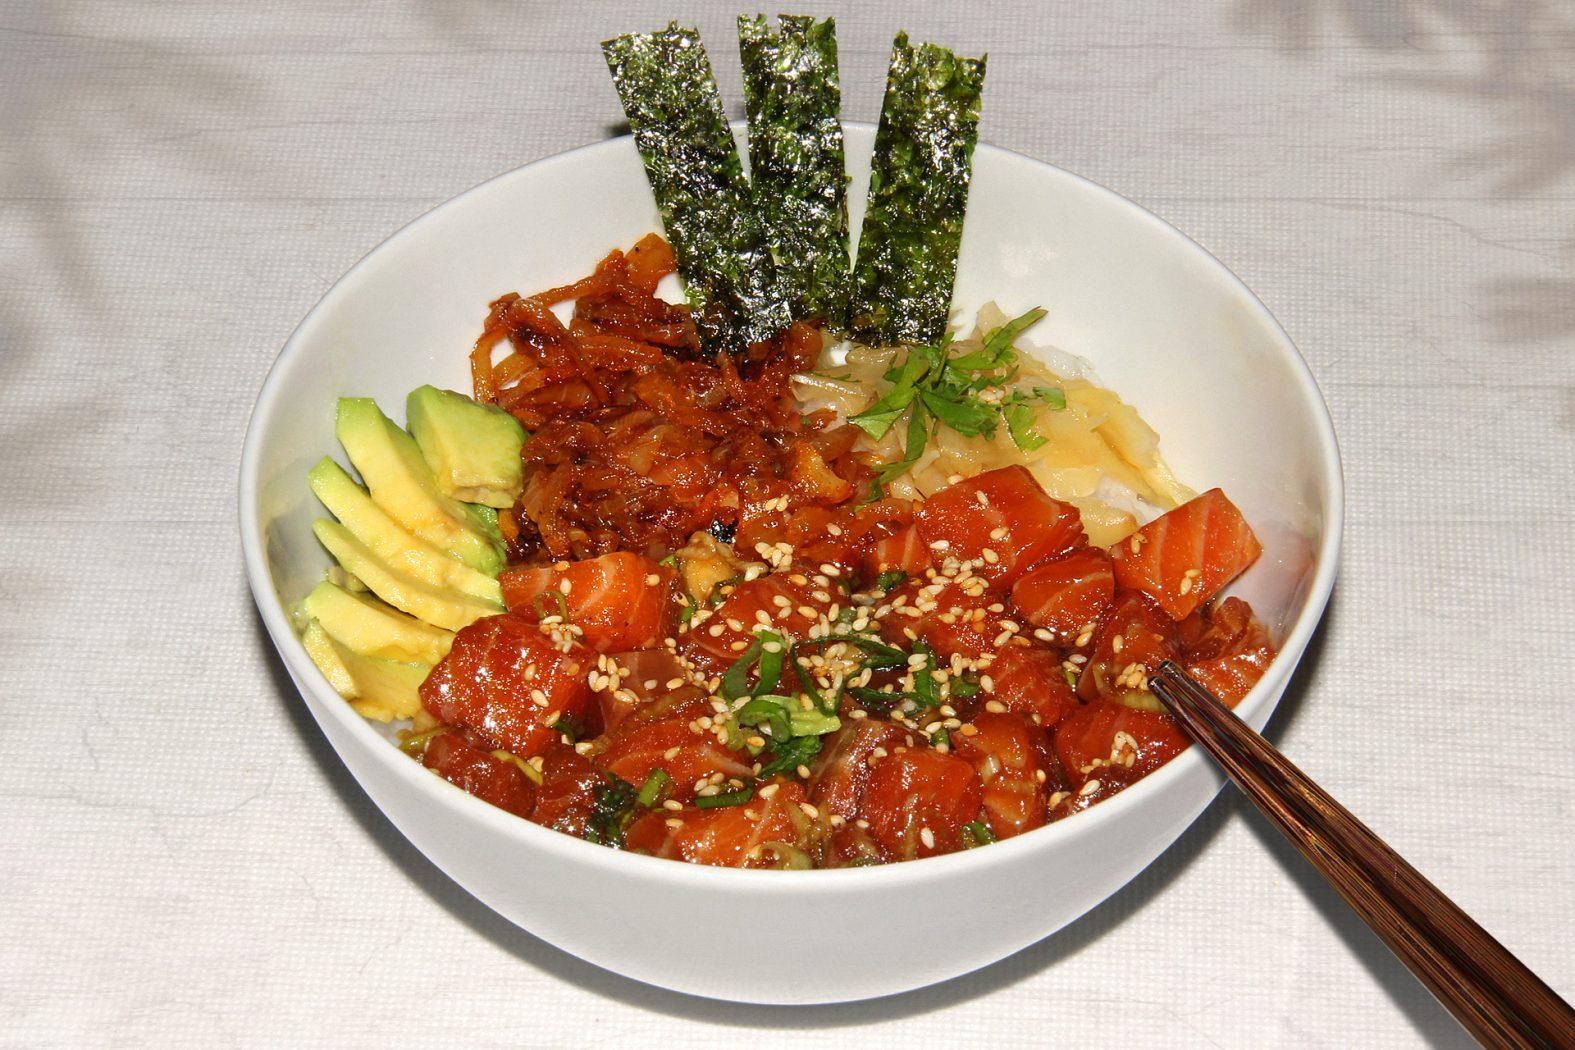 Lachs roh essen: Das Rezept für eine Poke Bowl